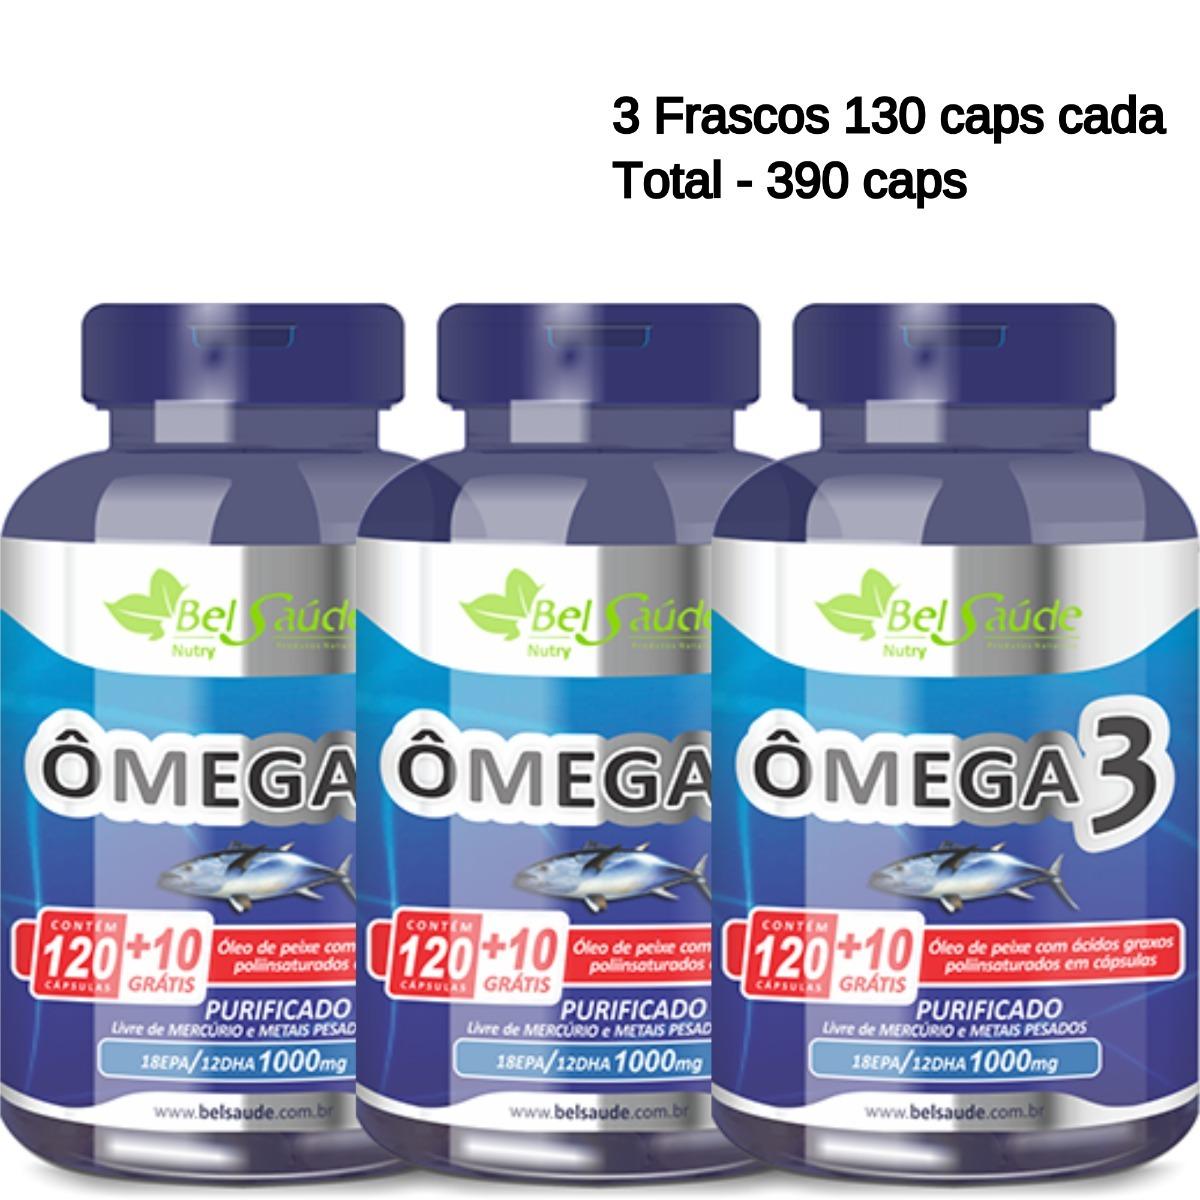 121737ea8 kit omega 3 oleo de peixe (fish oil) 1g bel saude 390 caps. Carregando zoom.